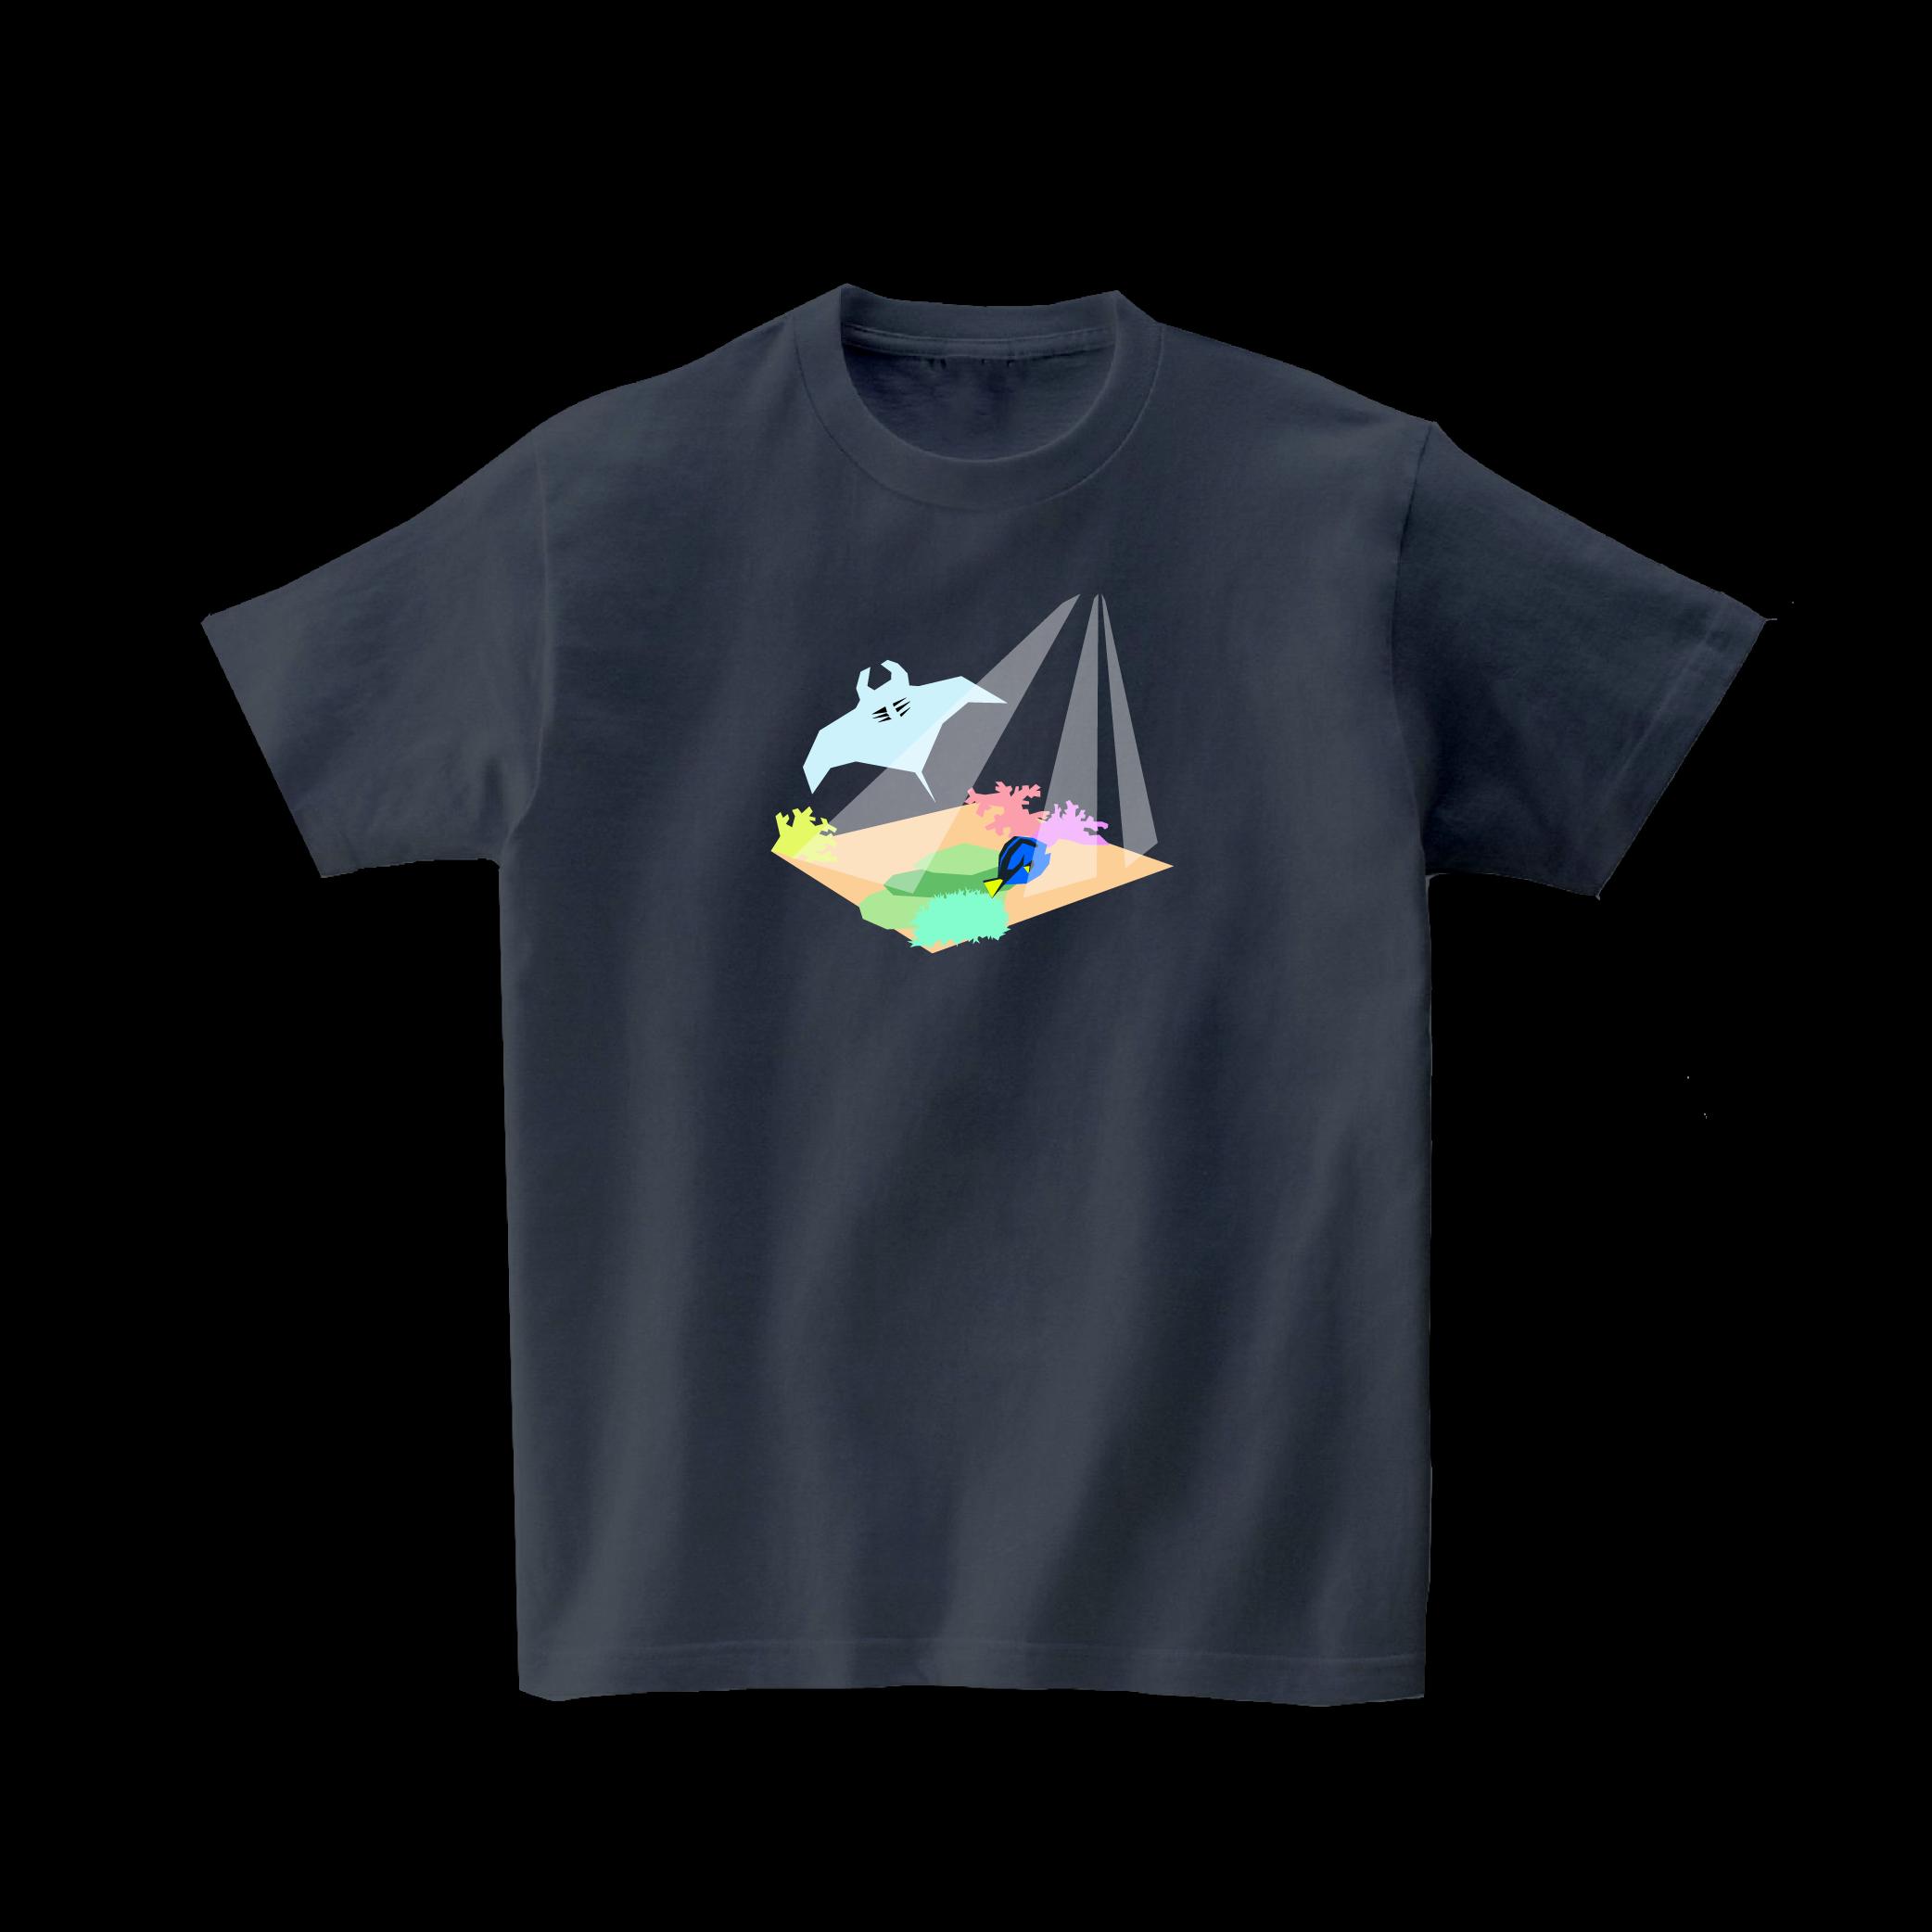 動物Tシャツ-ダイビング(デニムグレー)